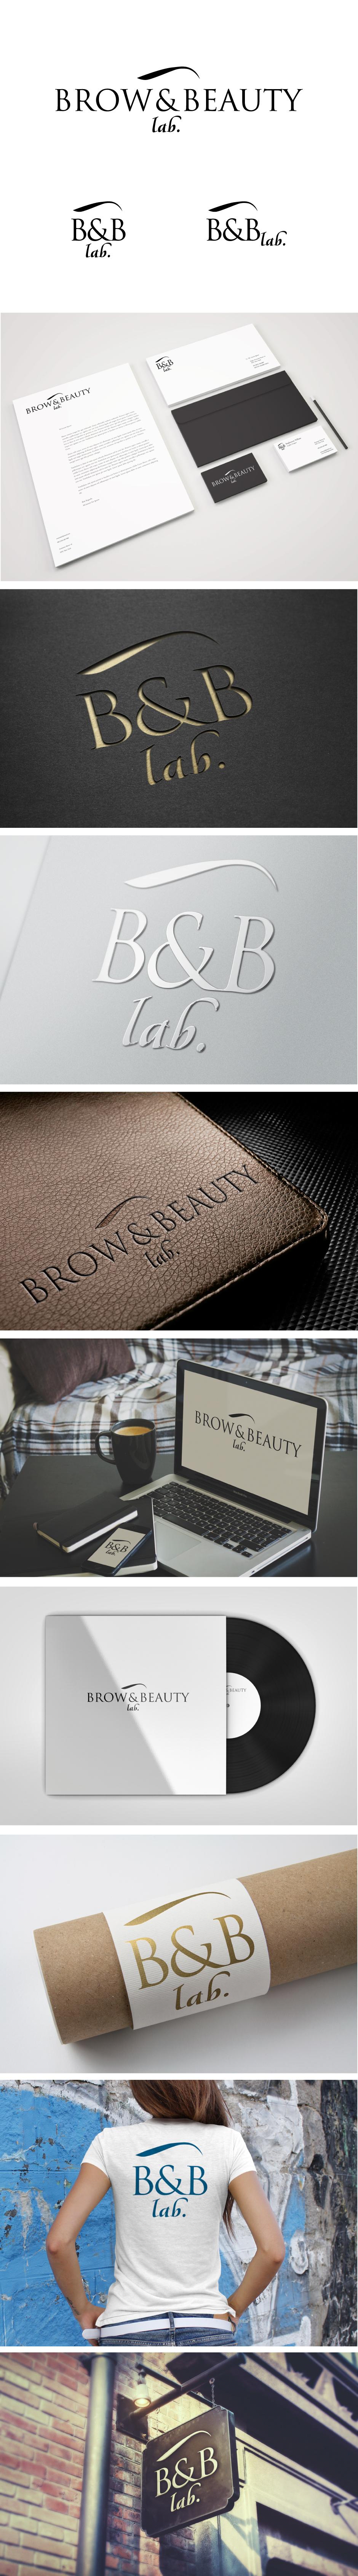 Разработка фирменного стиля для салона красоты